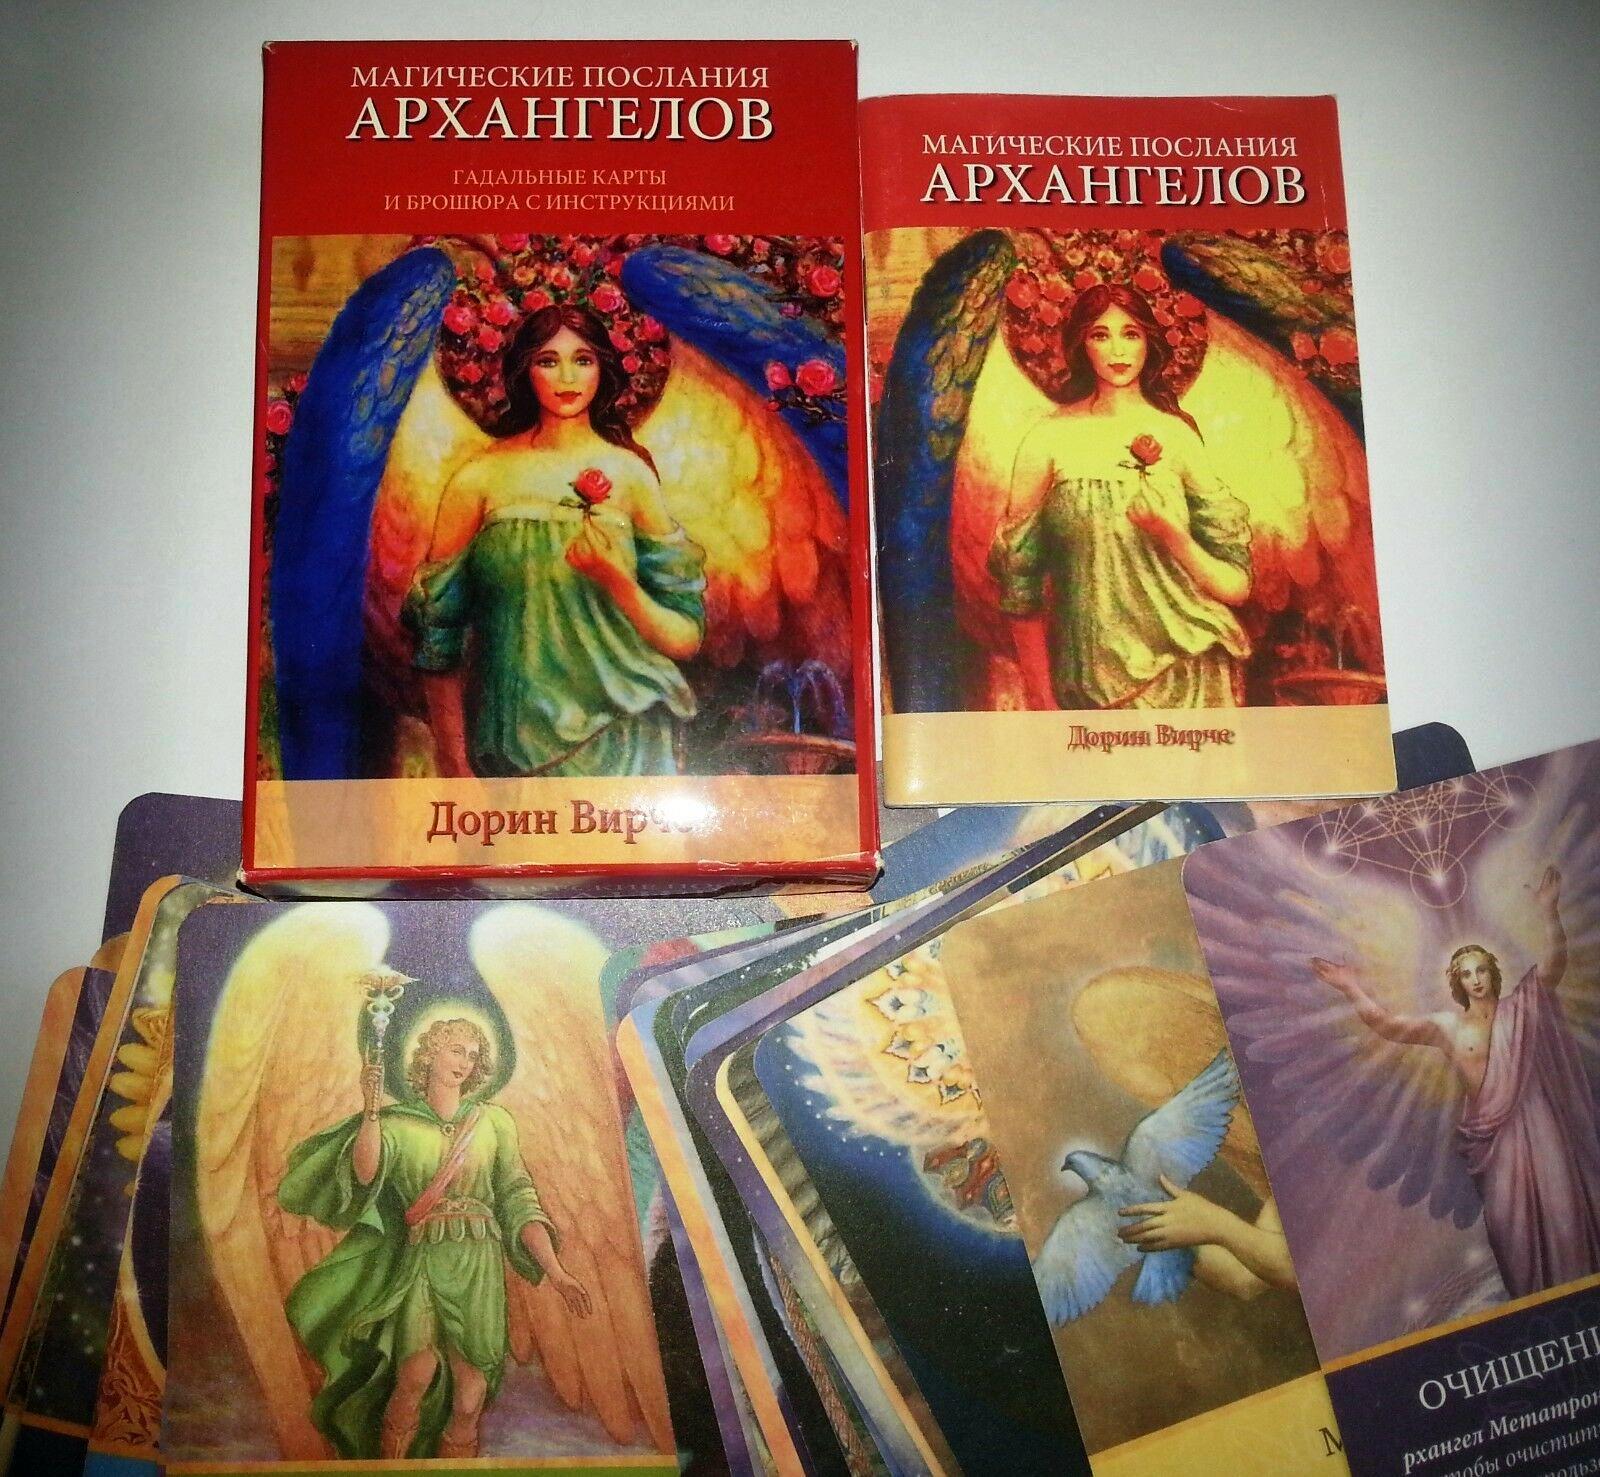 Расклад «Устремление души» на оракуле Архангелов Дорин Верче